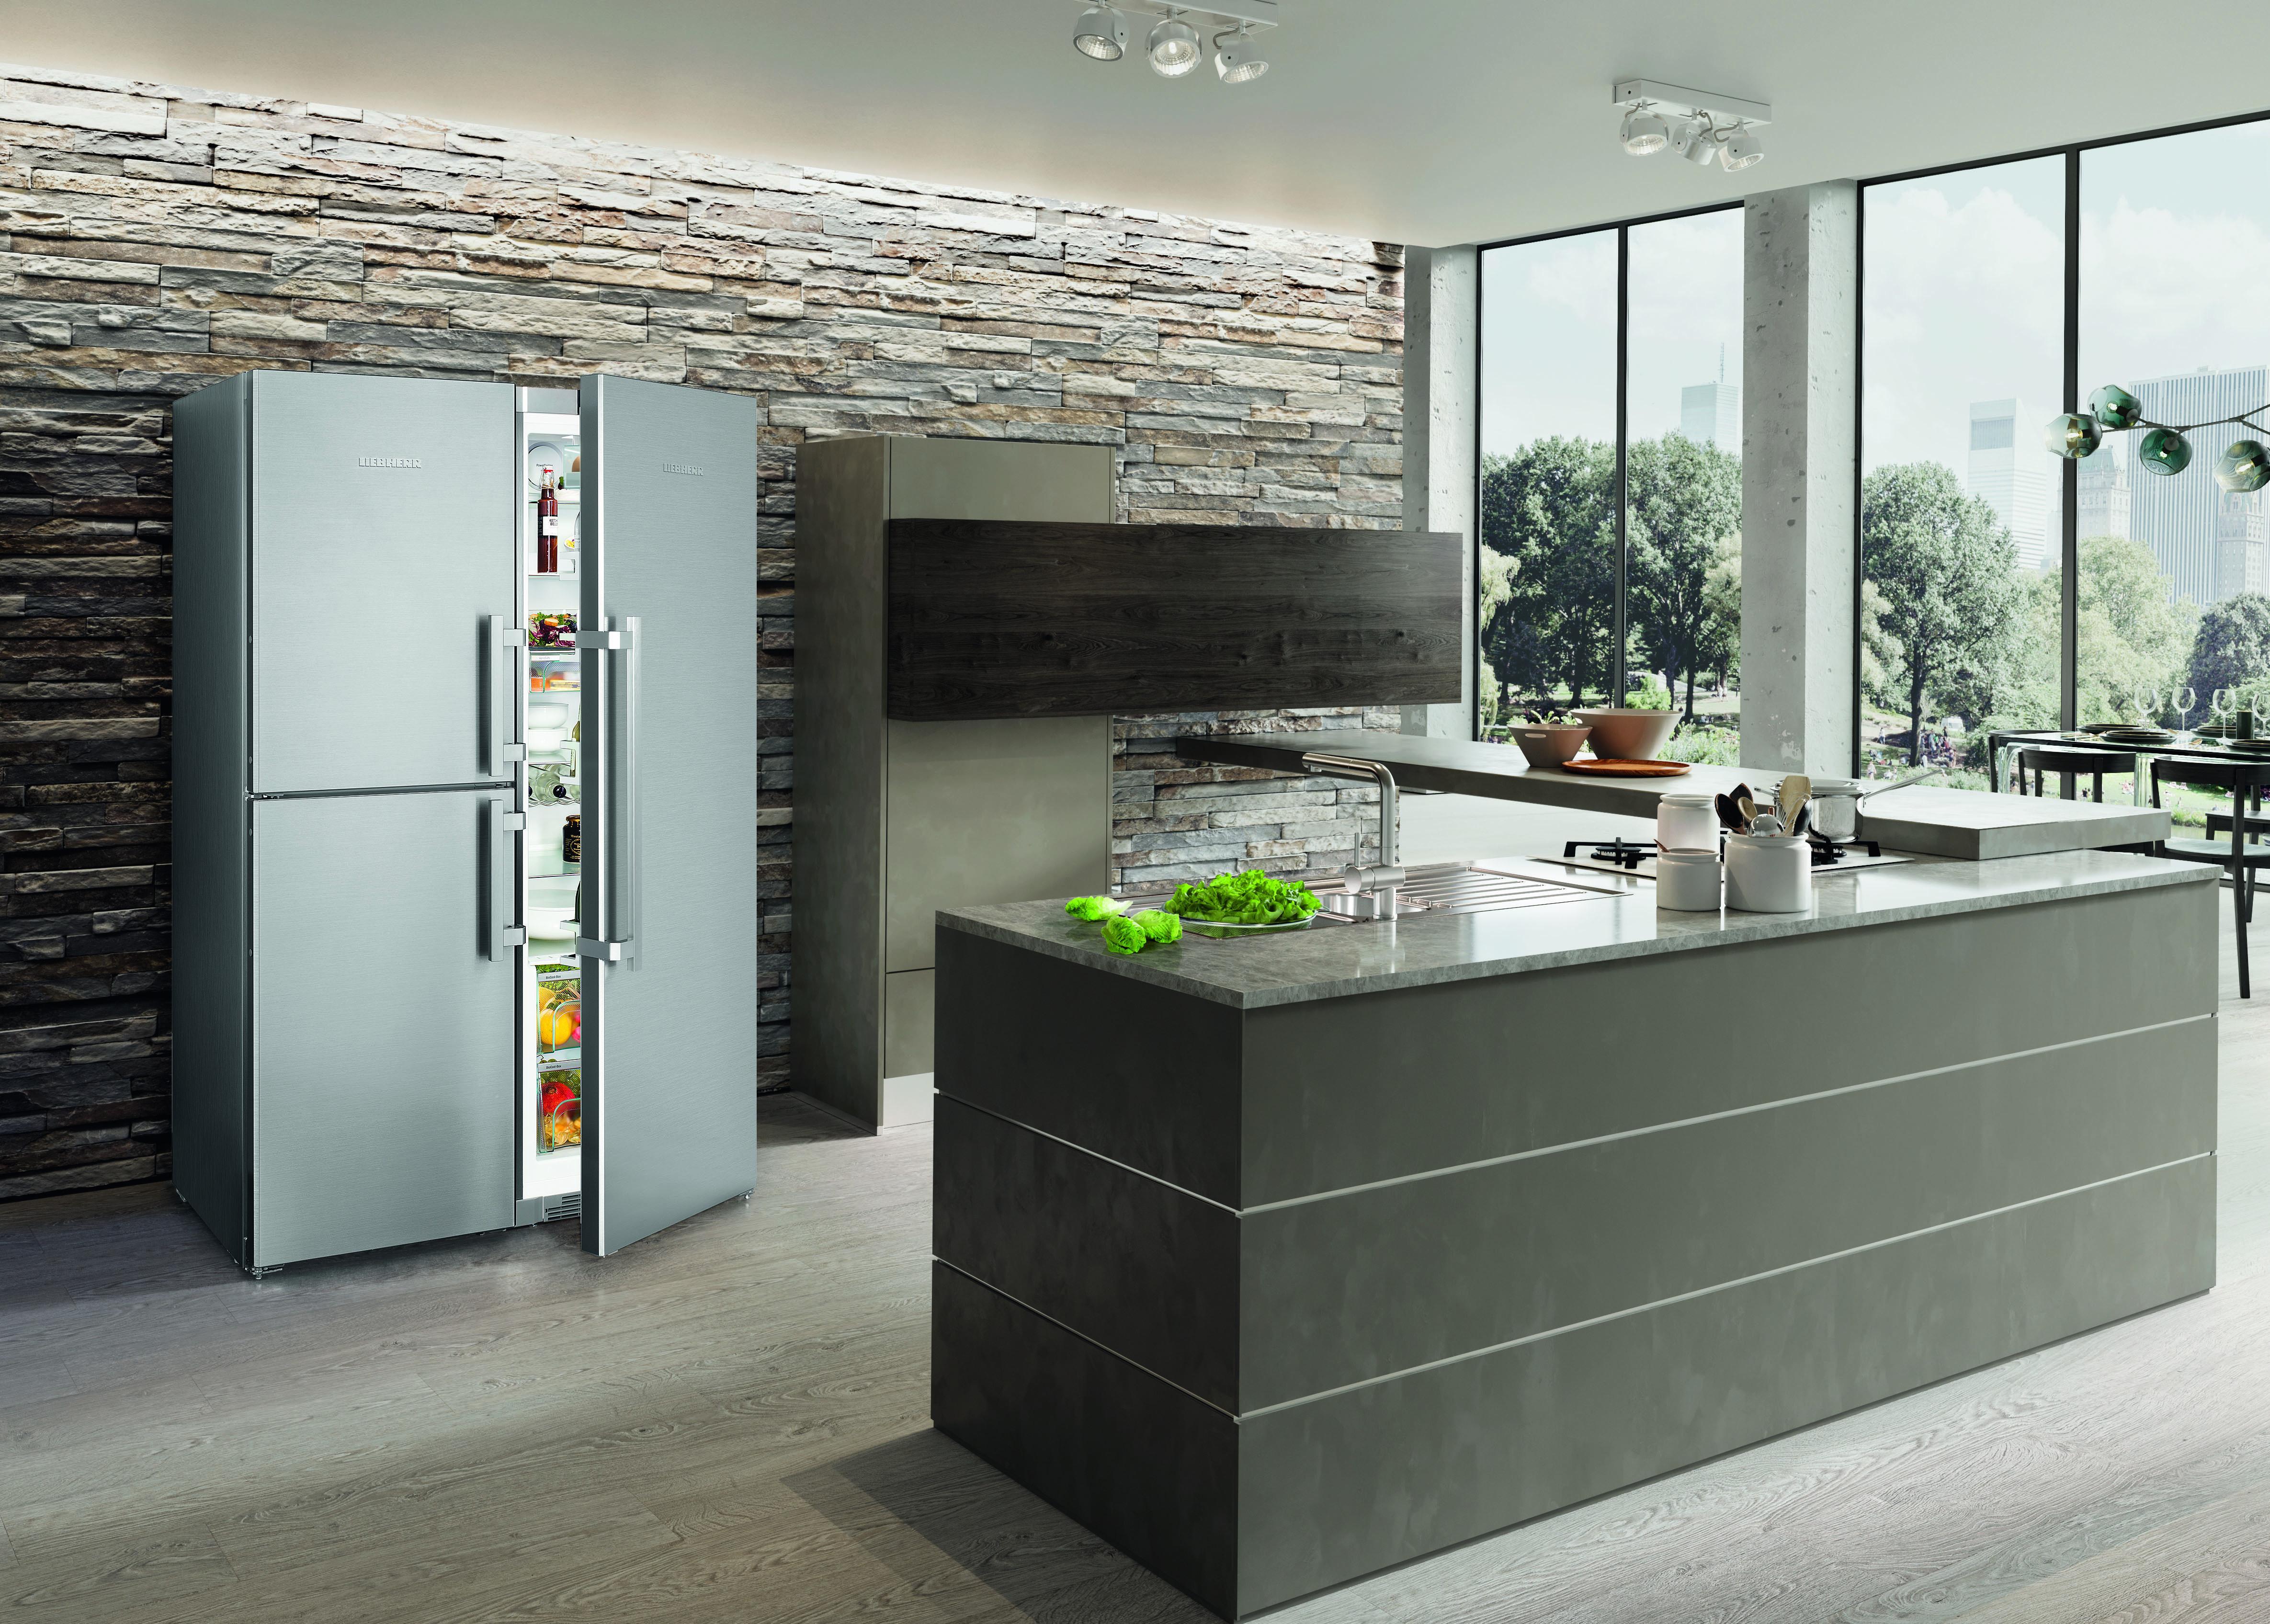 Frigorifero Americano Anni 50 frigo grandi, anzi maxi: modelli a 3 o 4 porte. con i prezzi